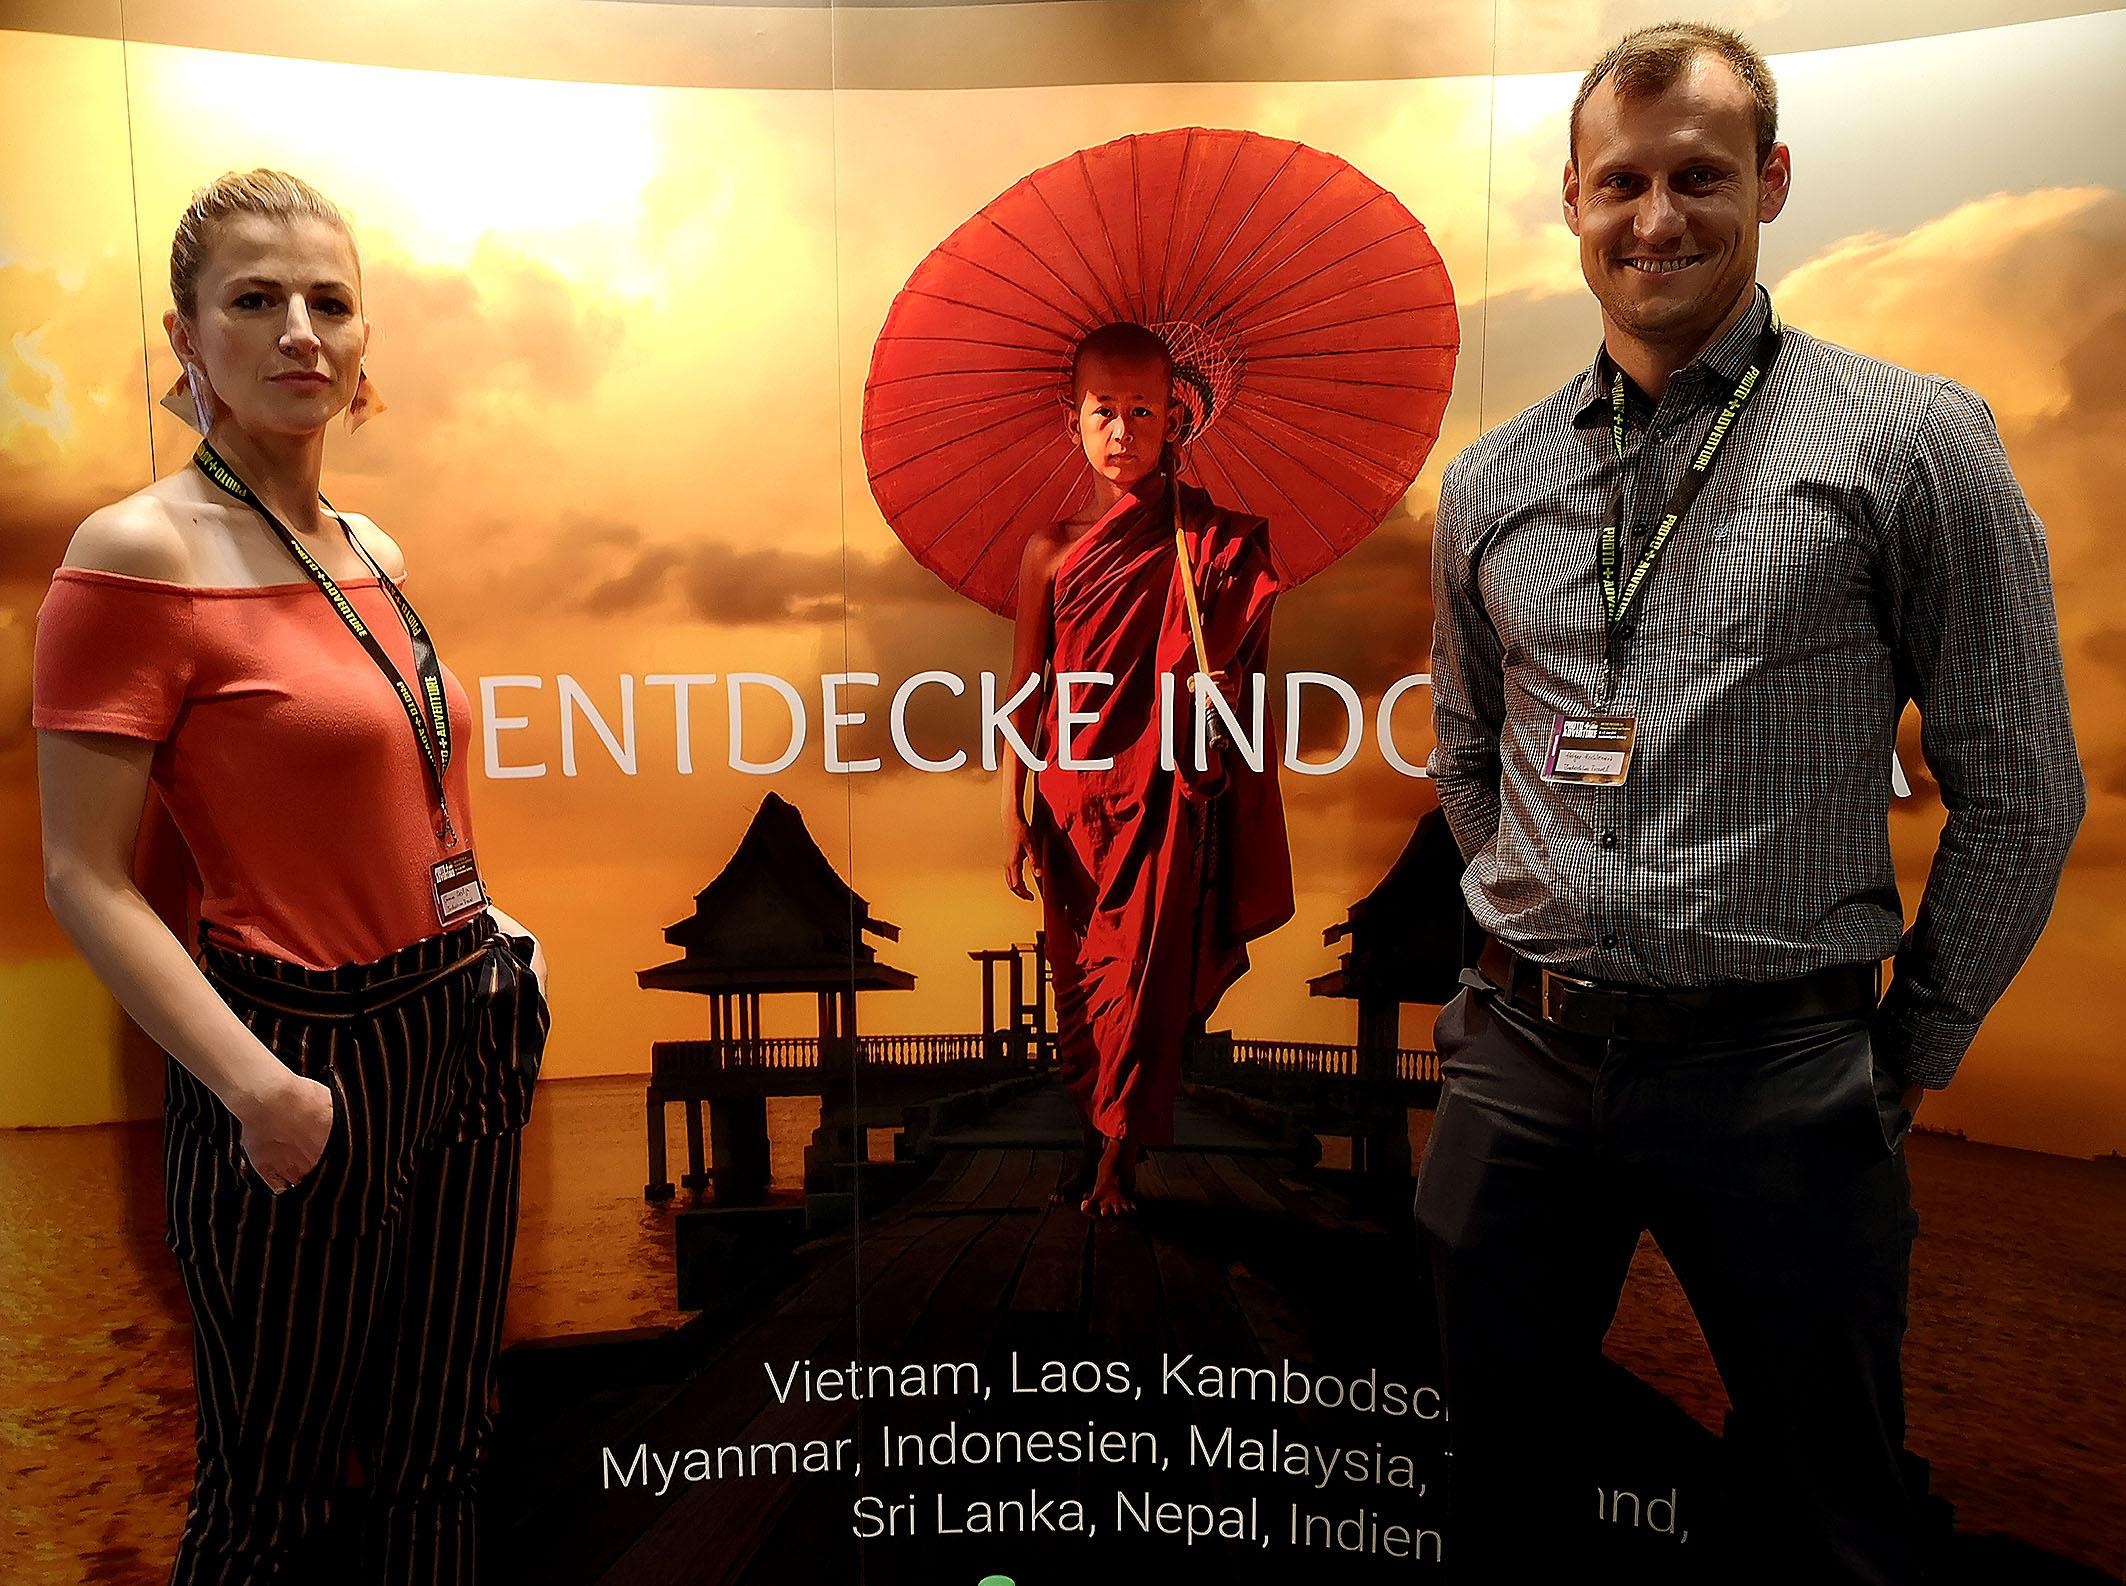 Wer Indochina entdecken möchte, fand an diesem Stand reichlich Infos. Foto: Michael B. Rehders